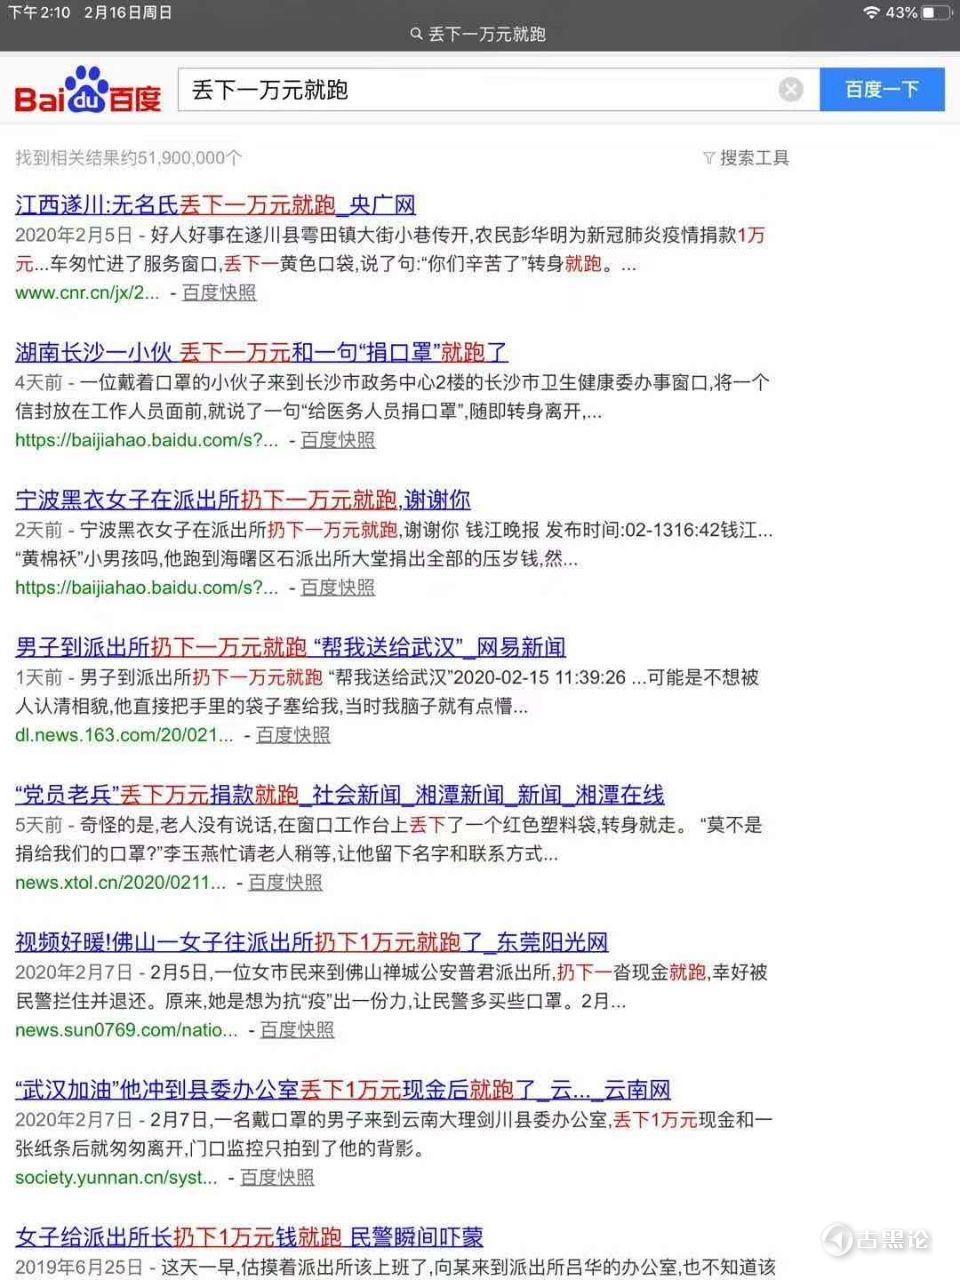 """""""武汉加油""""他冲到县委办公室,丢下1万元现金后就跑了 photo_2020-02-17_12-16-26.jpg"""